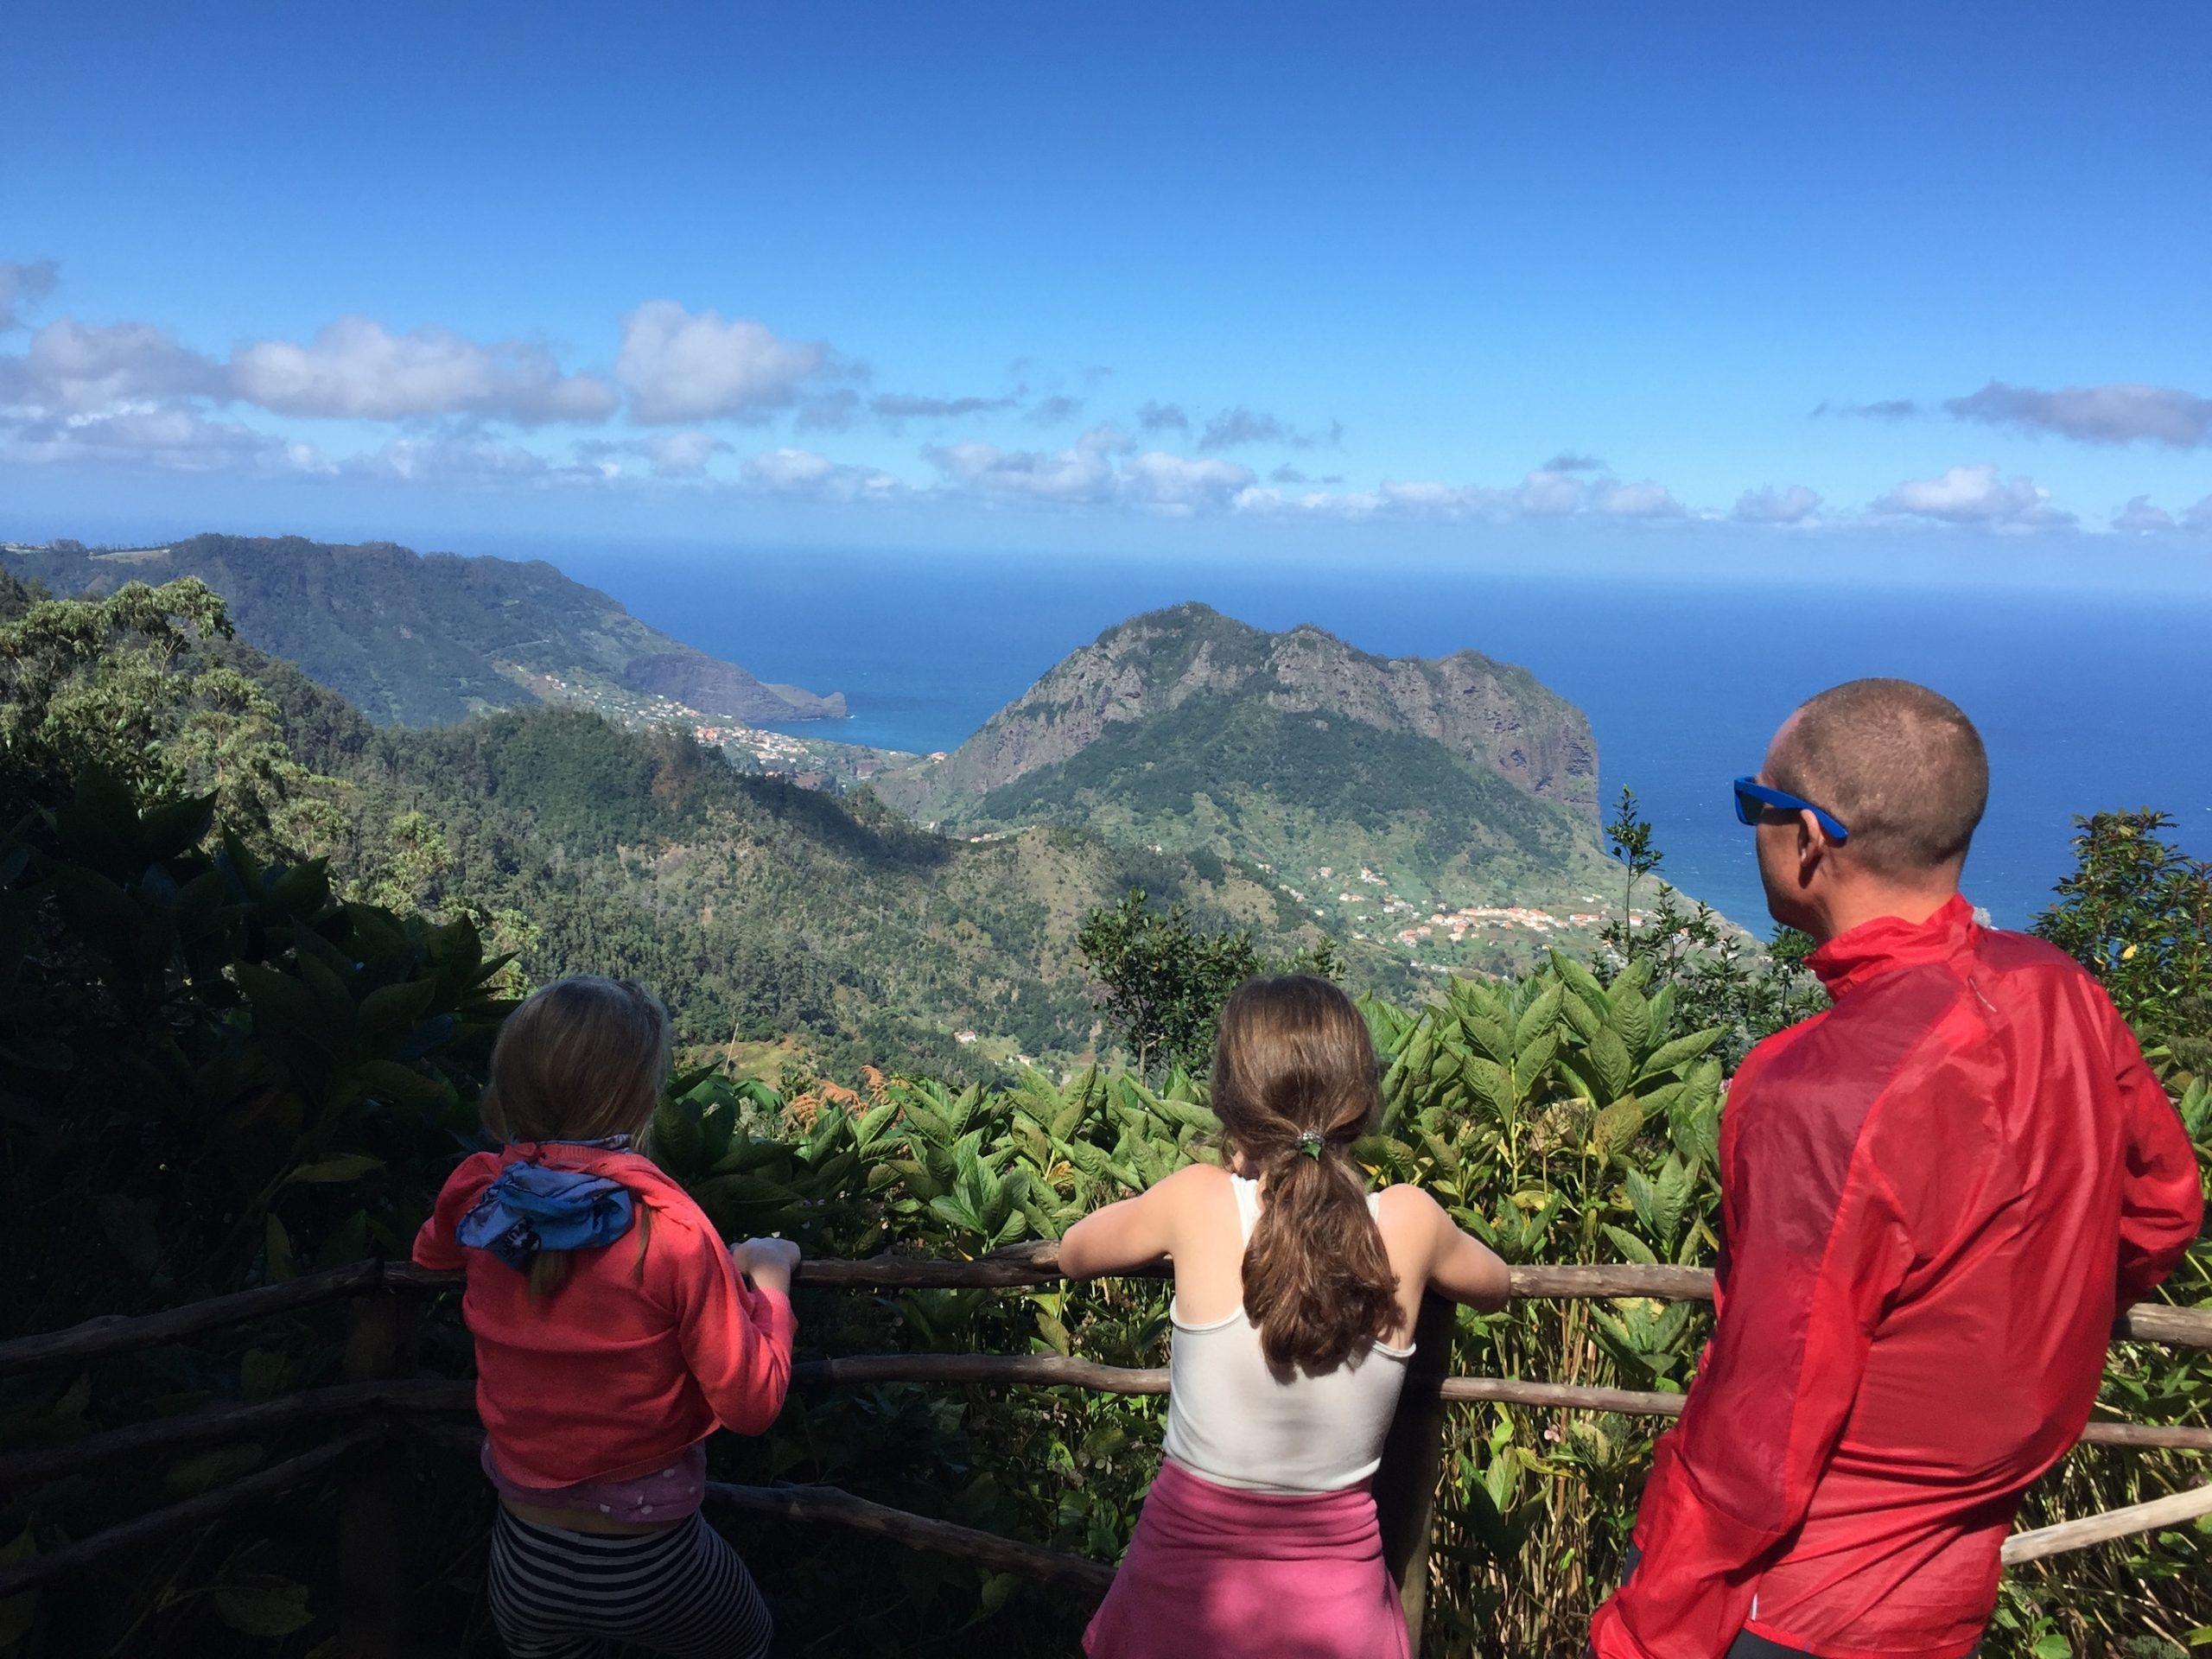 Vandring på Madeira med børn